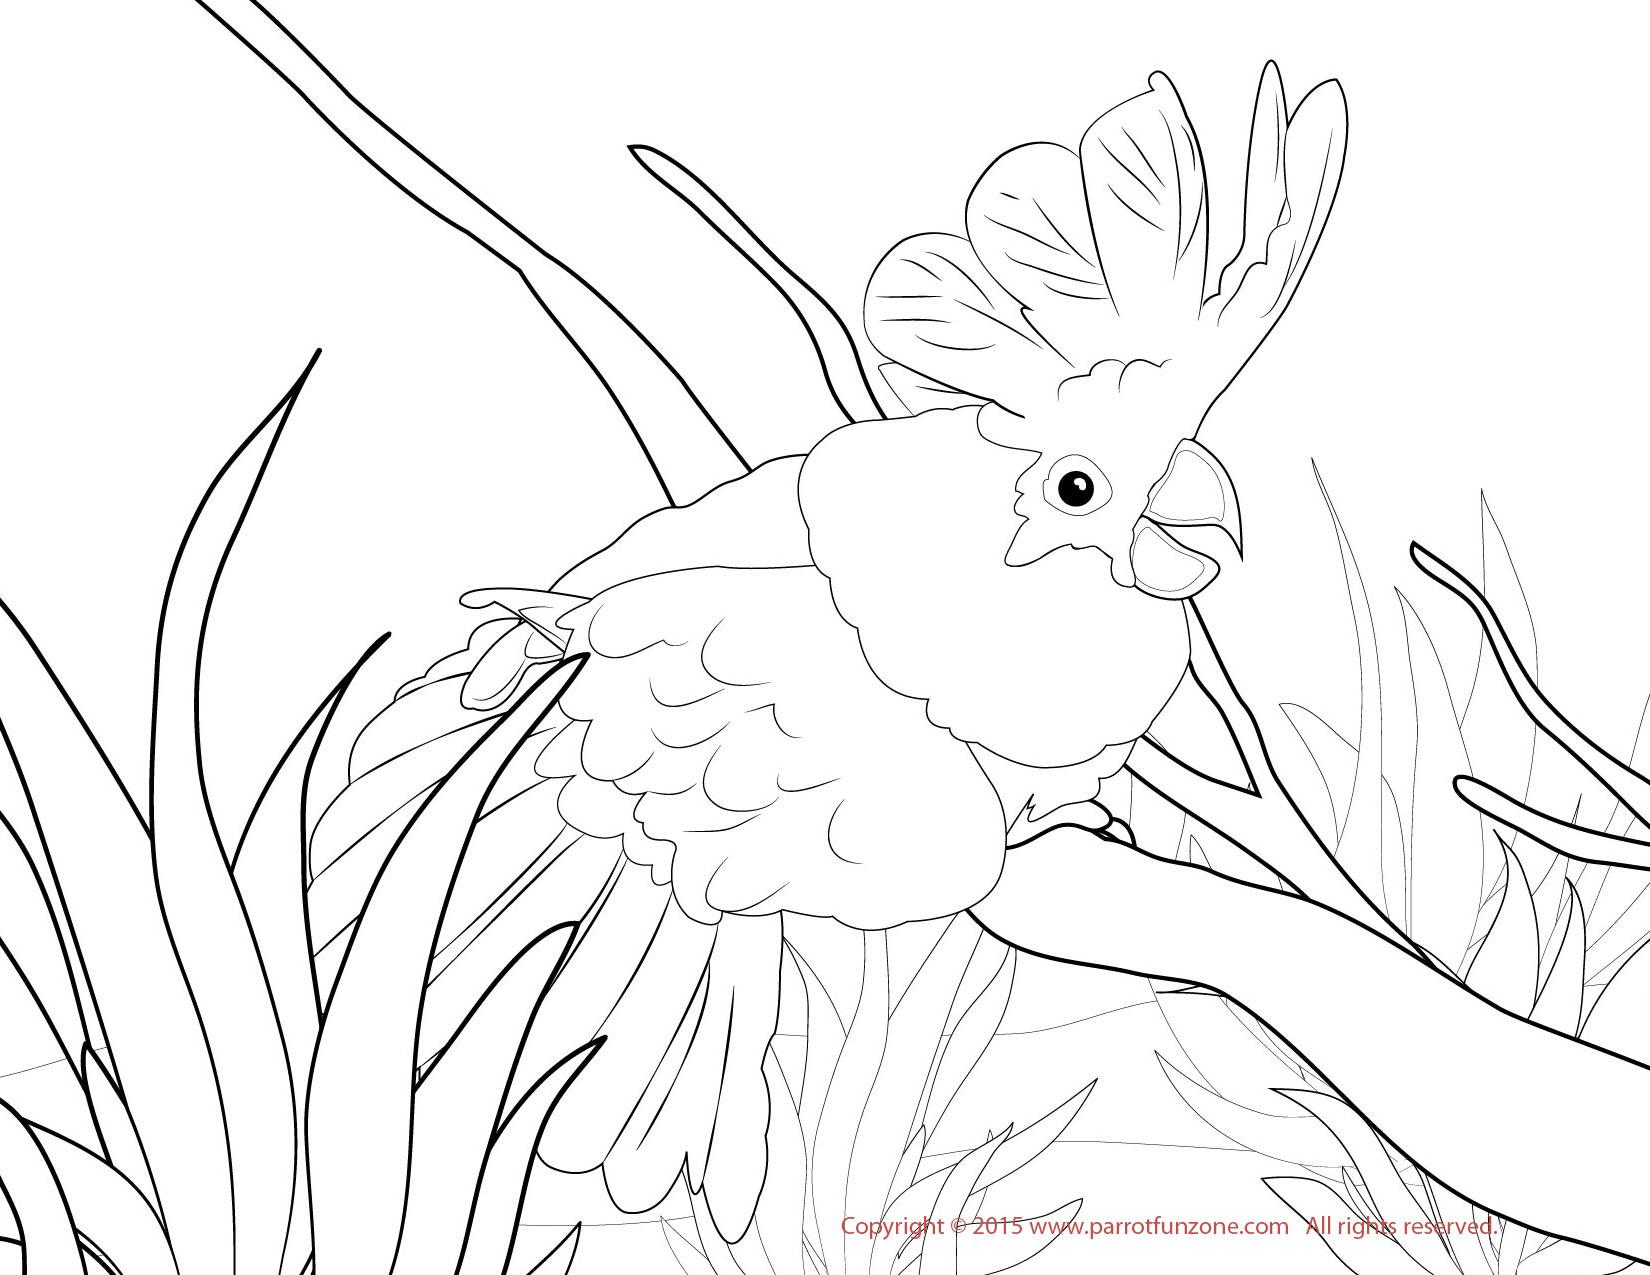 Umbrella Cockatoo Coloring Page